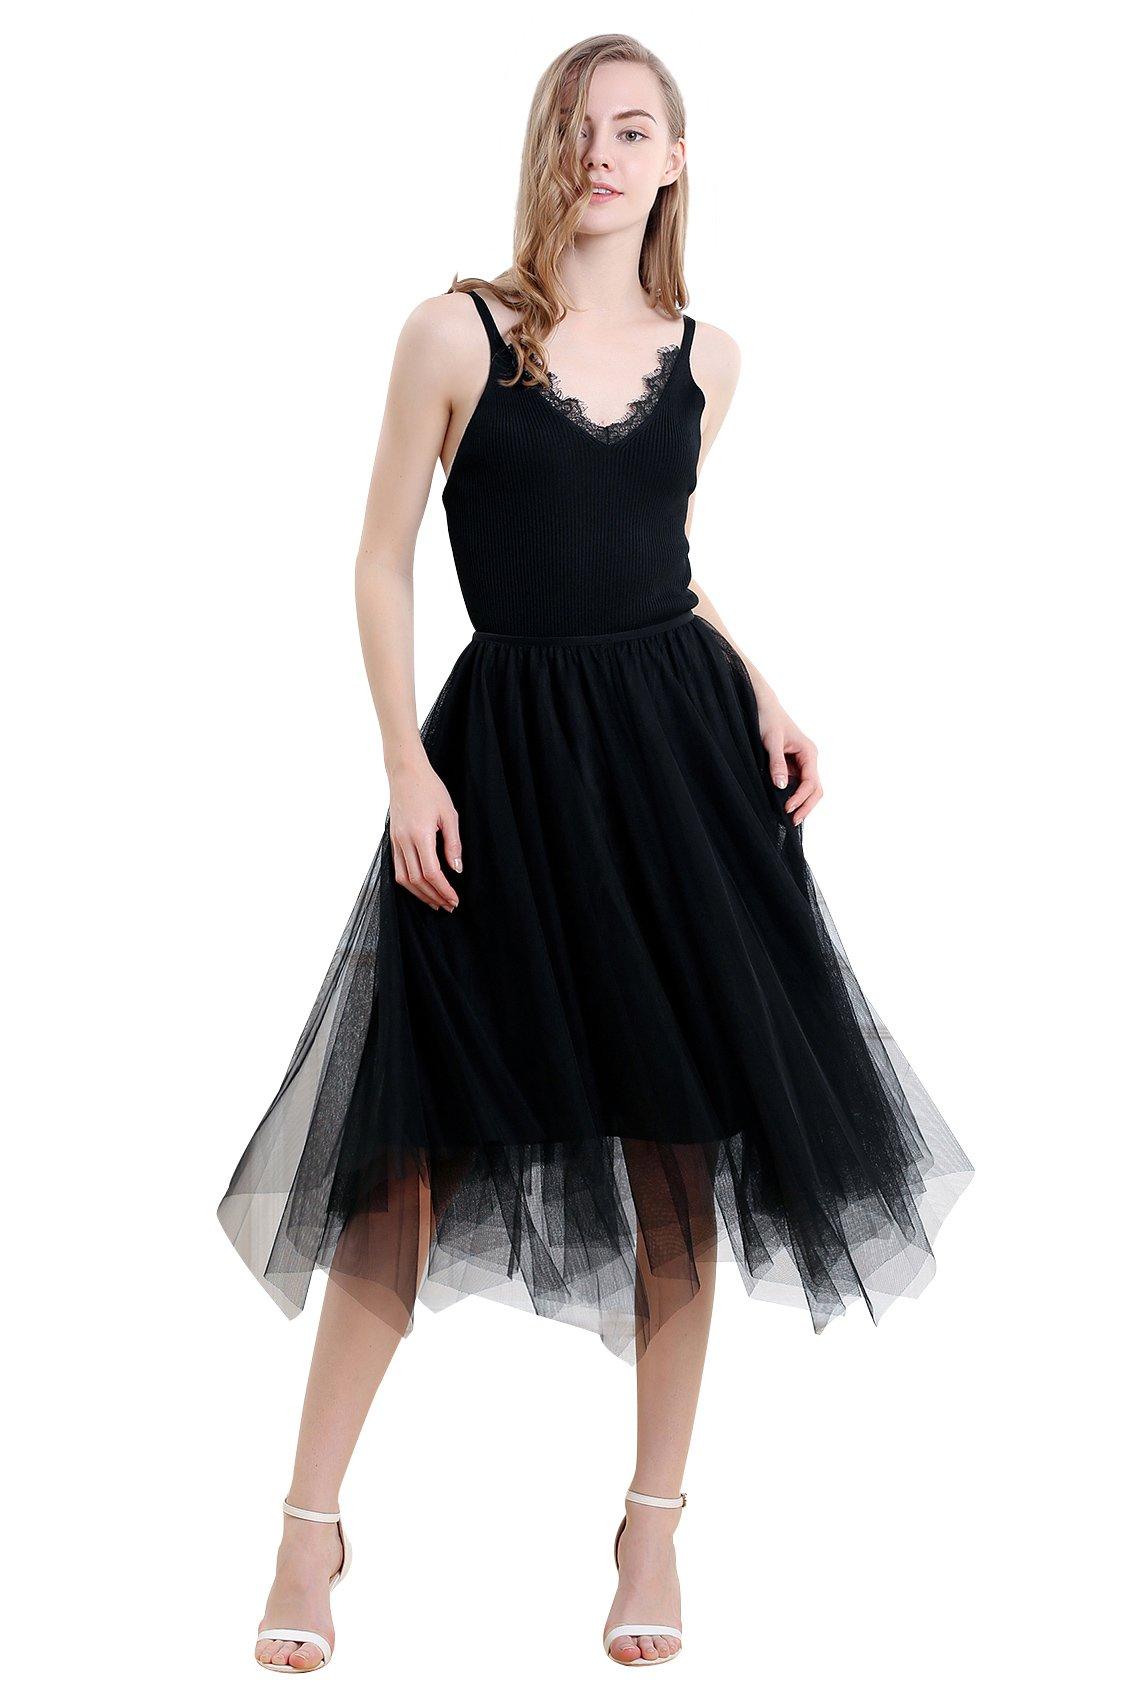 Vero Viva Women Summer Tulle Mesh Asymmetrical Elastic High Wasit Skirt with Linning Black